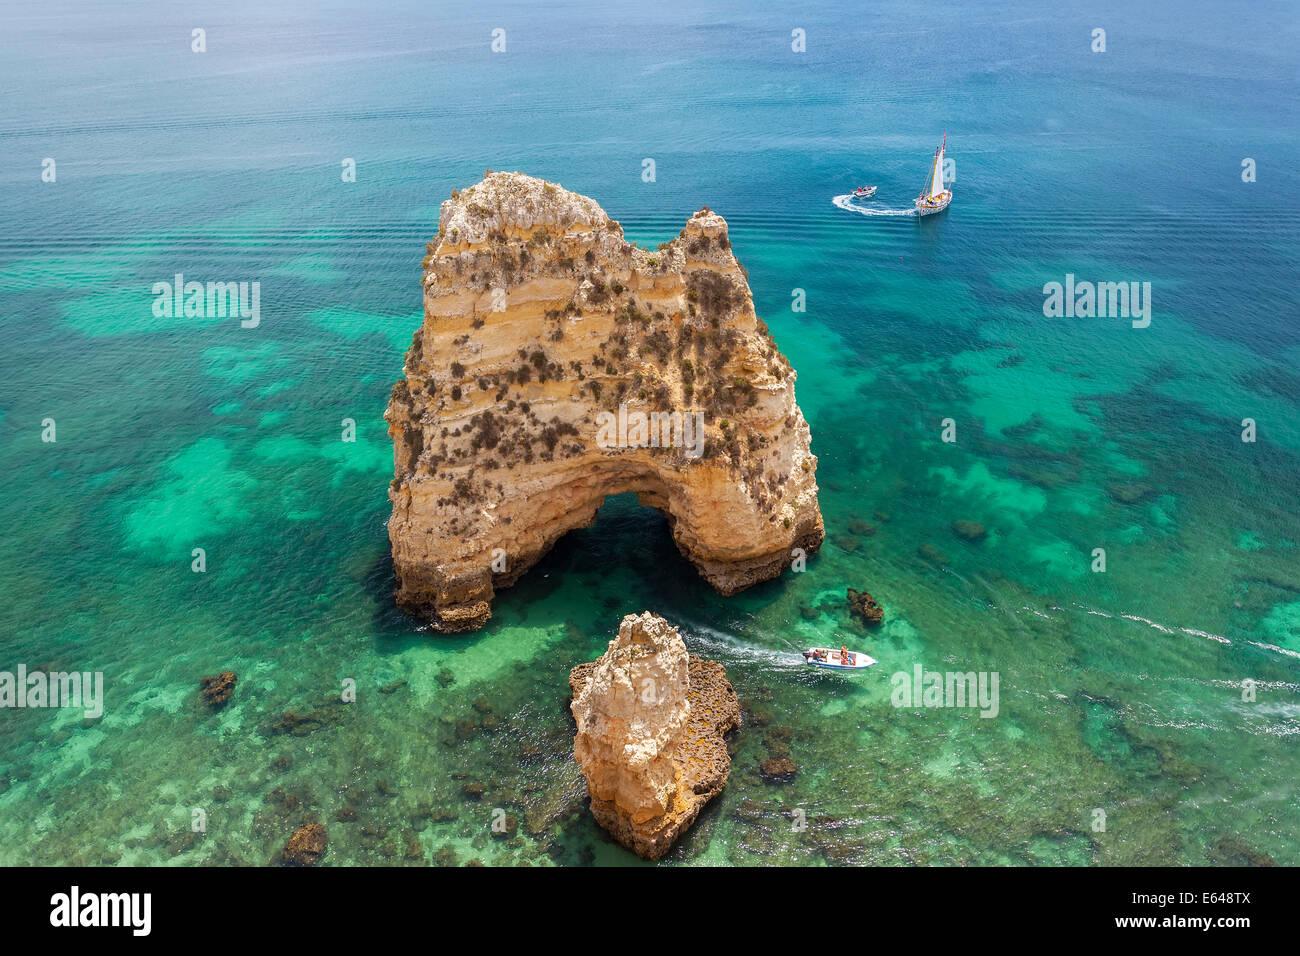 Ponta da Piedade near Lagos, Algarve, Portugal - Stock Image